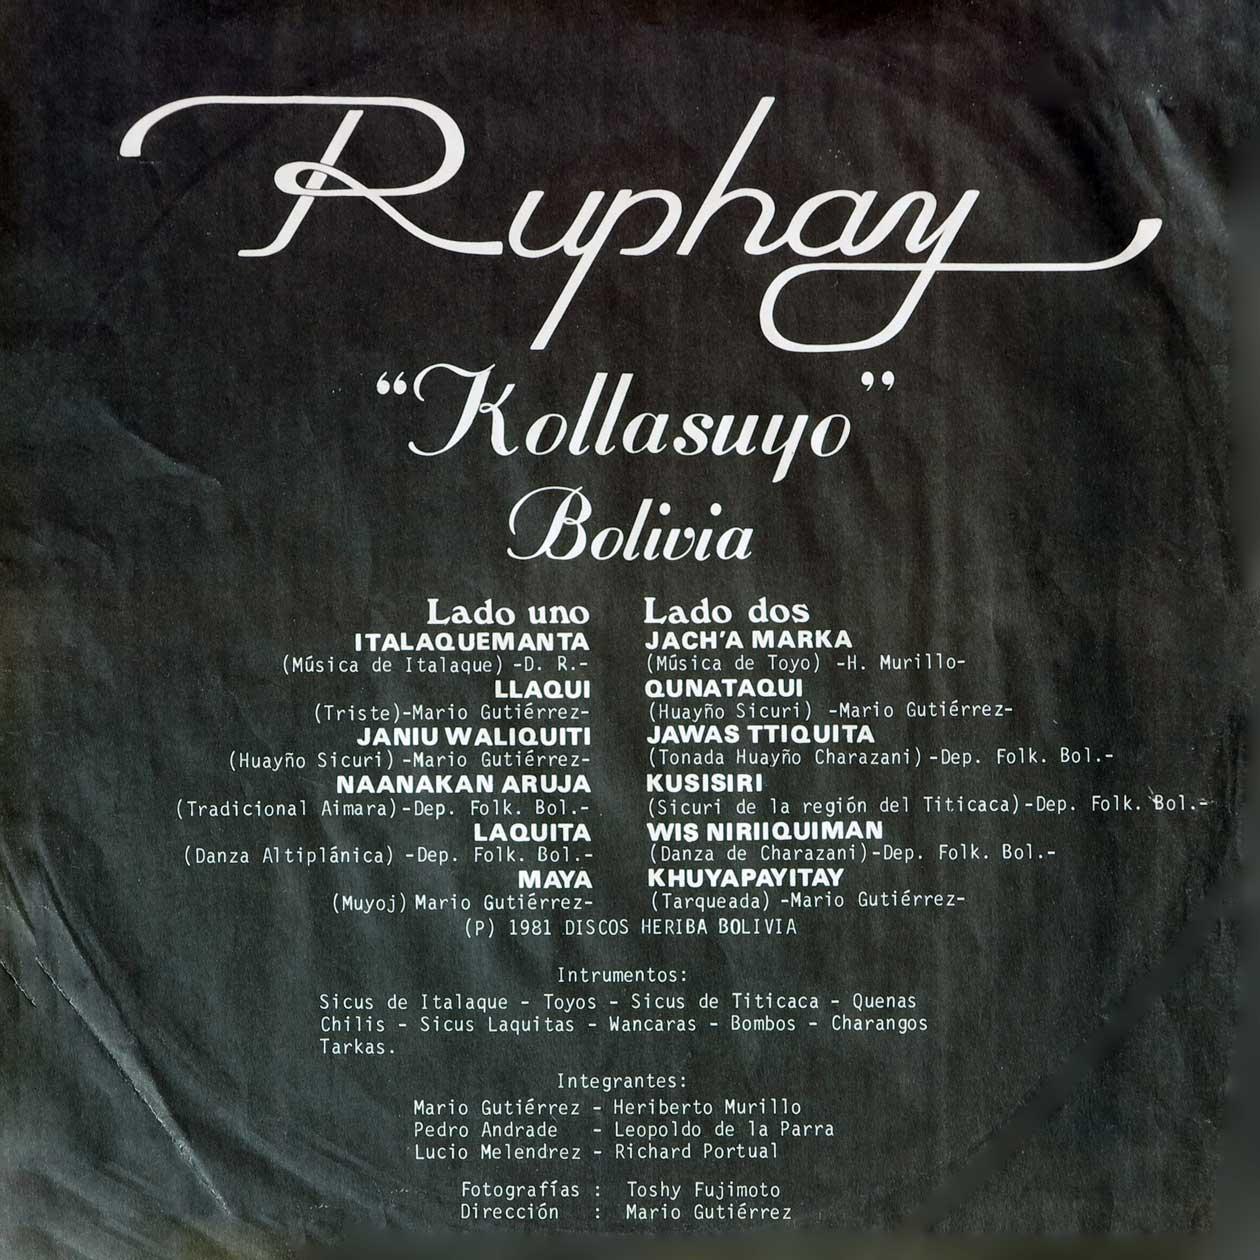 Ruphay - Kollasuyo - Bolivia